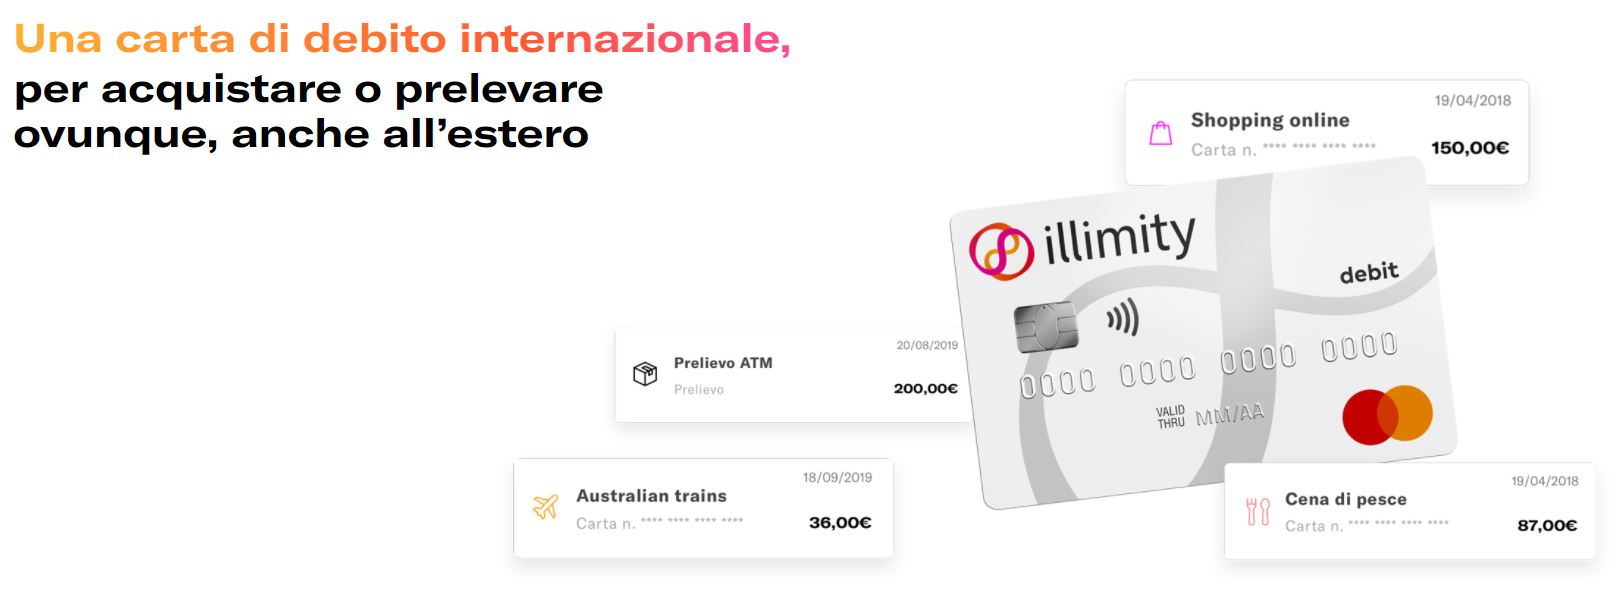 carta di debito mastercard illimity bank